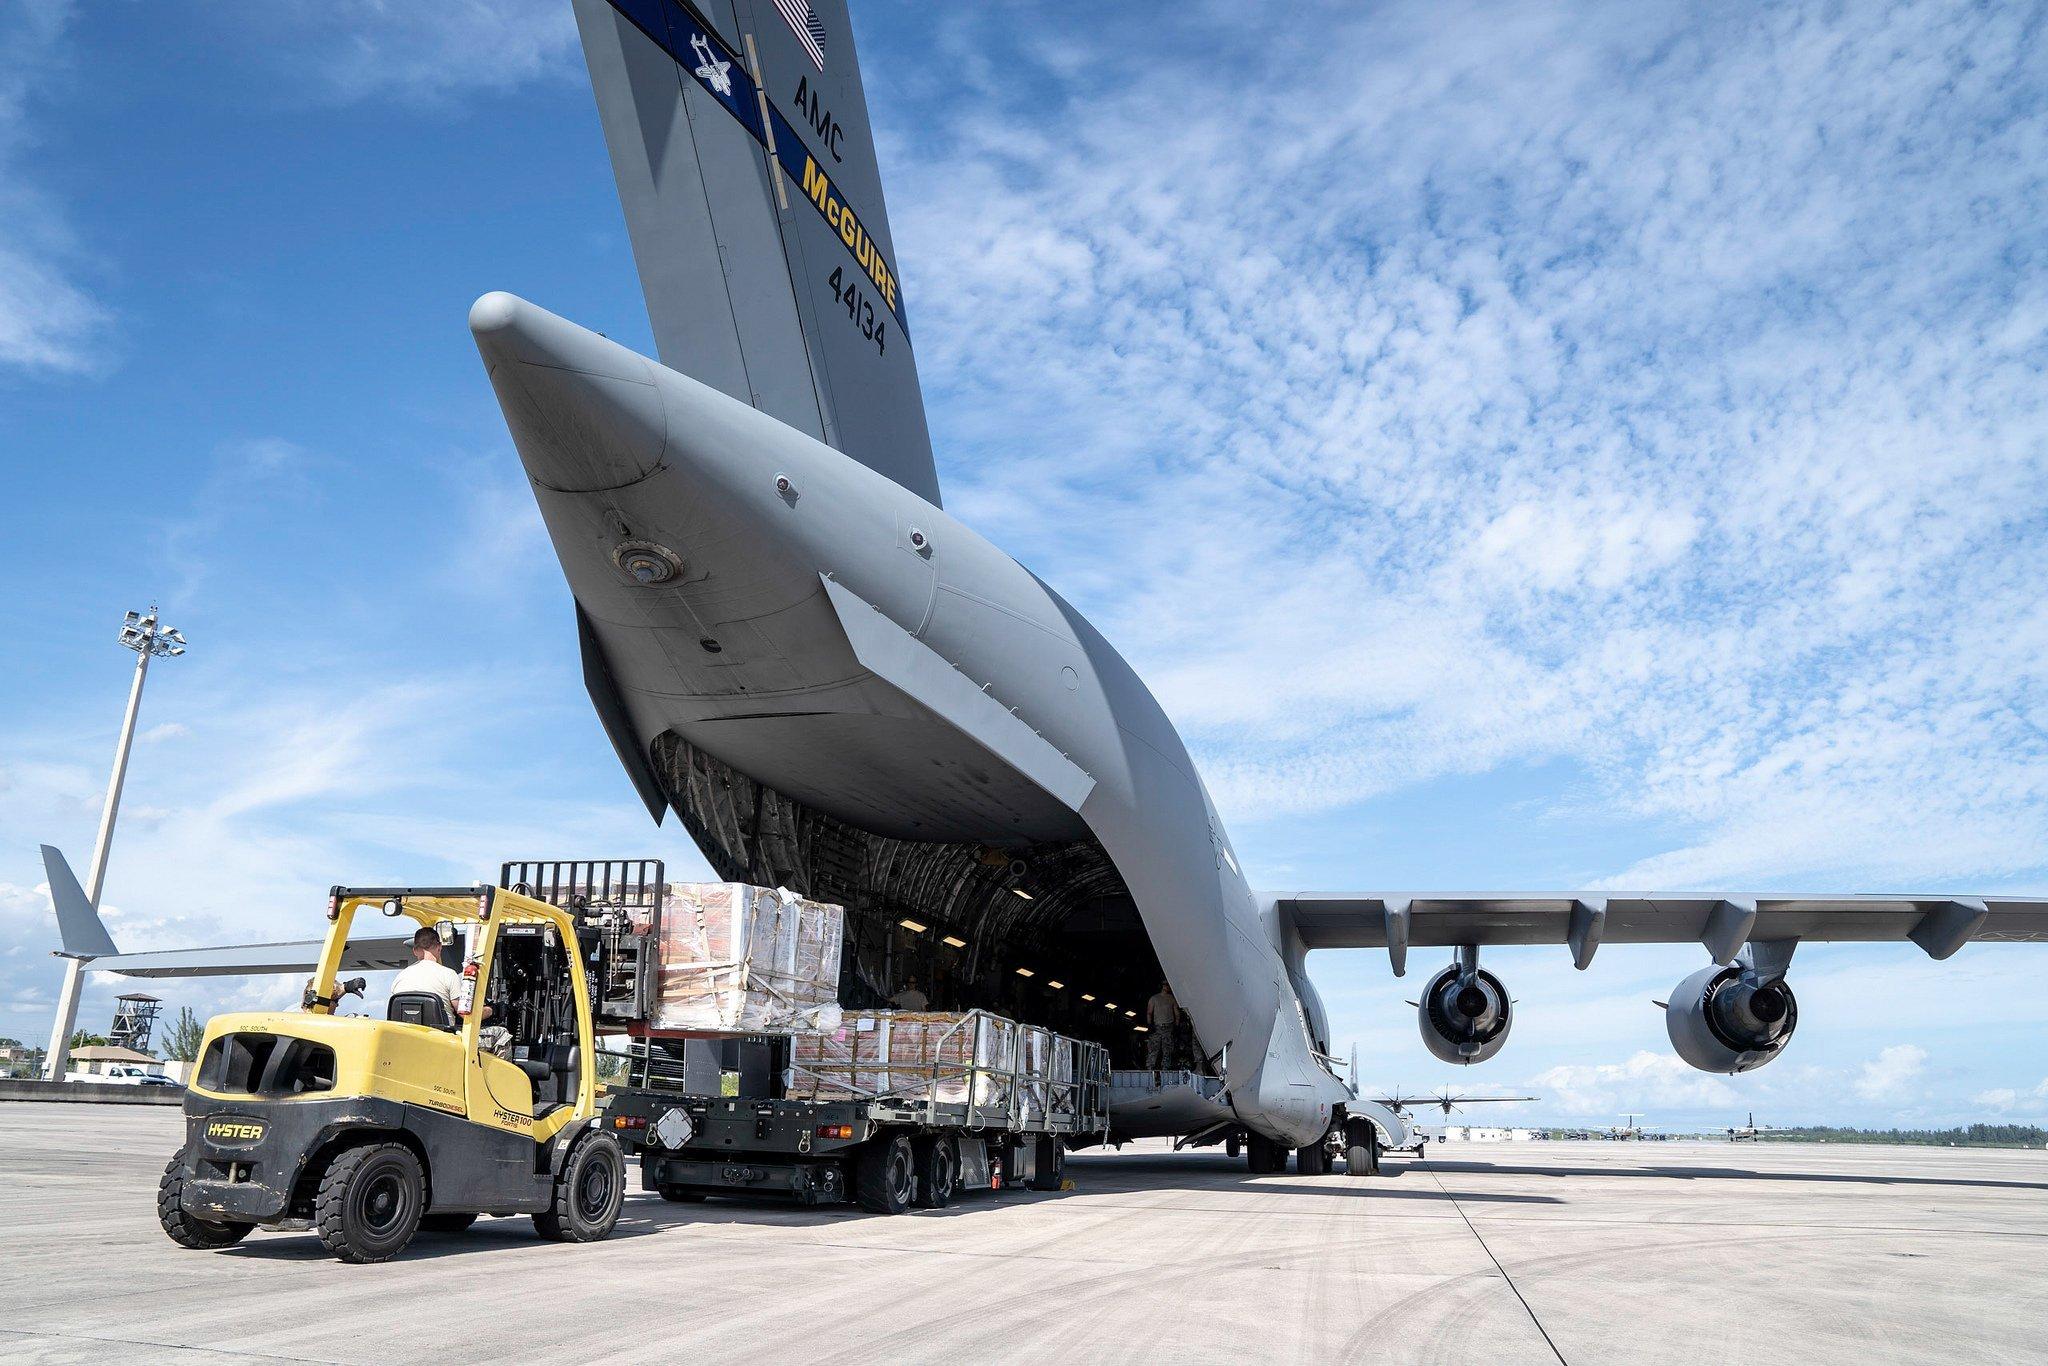 70th Персонал авиаотряда порта загружает грузовой самолет C-17 Globemaster III с совместной базы McGuire-Dix-Lakehurst, Нью-Джерси, с гуманитарной помощью, которая будет доставлена в Кукуту, Колумбия, для возможного распределения организациями по оказанию помощи на местах для венесуэльцев, февраль. 16 2019. (Фото ВВС США / Тех. Сержант Бен Хейс)